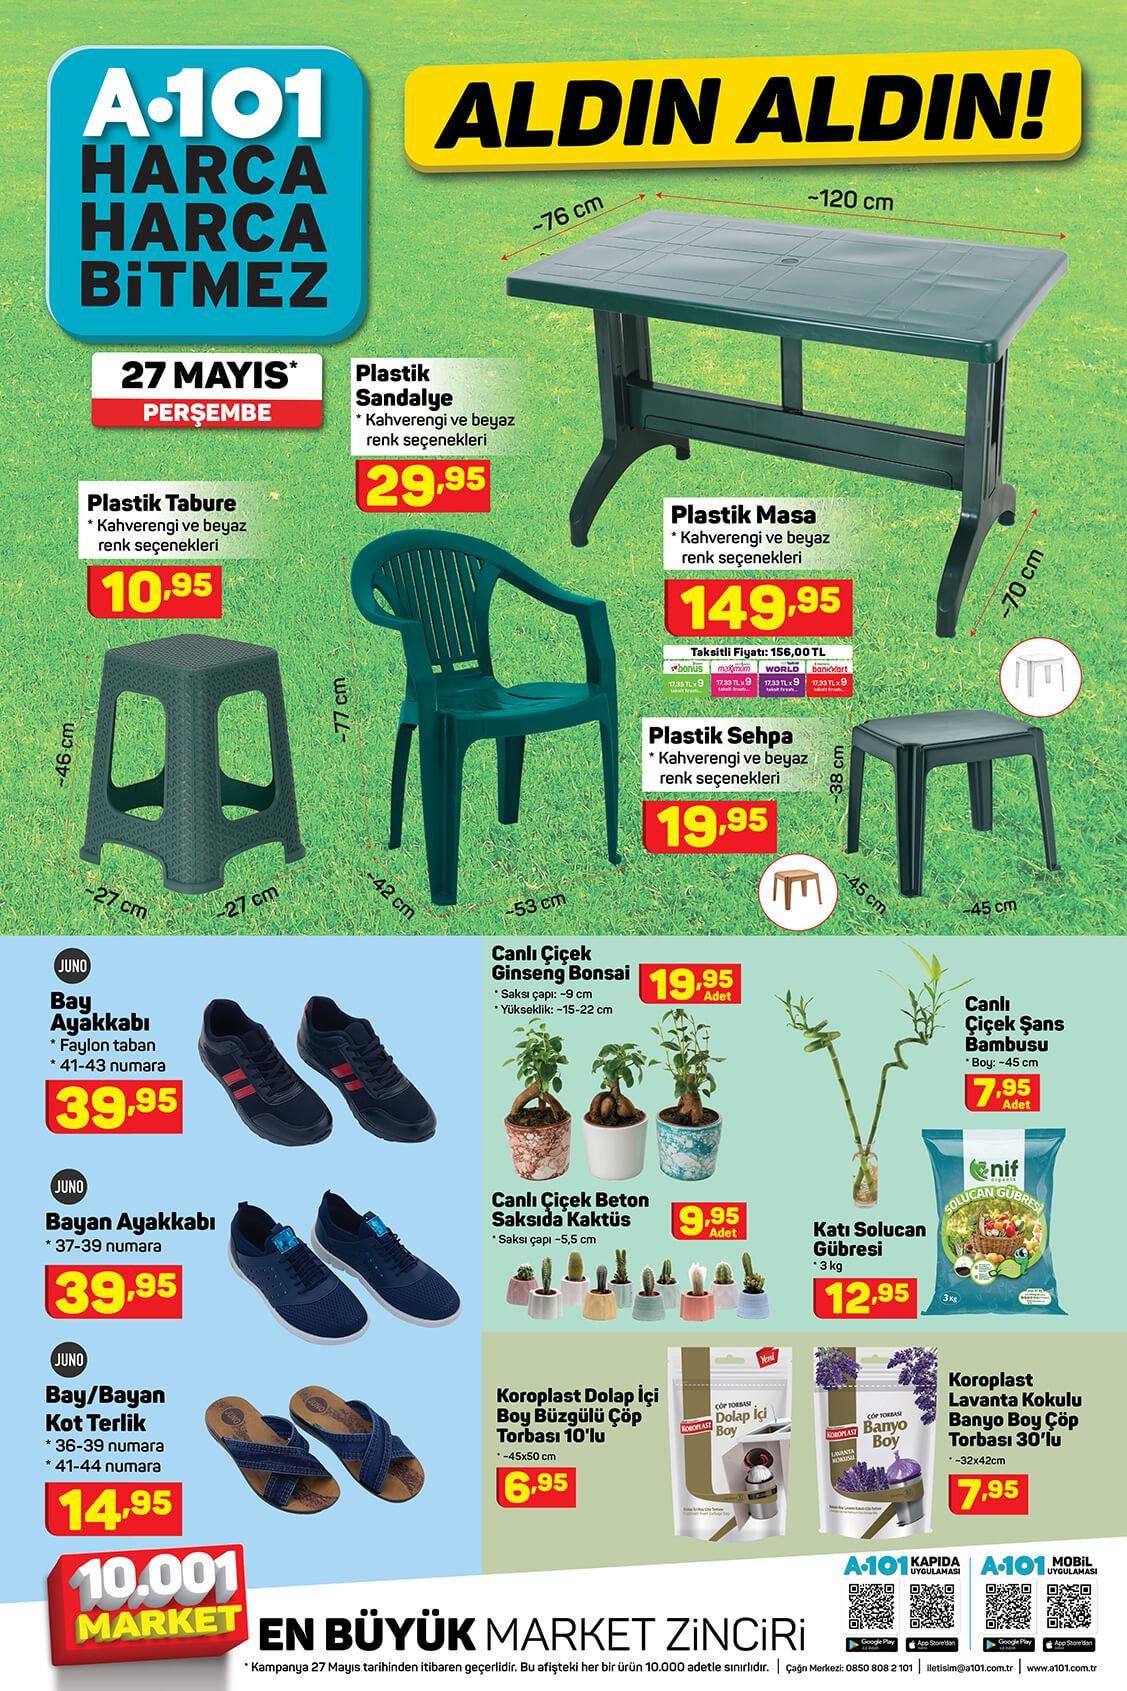 A101 27 Mayıs Perşembe Aktüel Ürün Kataloğu 5. Bölüm